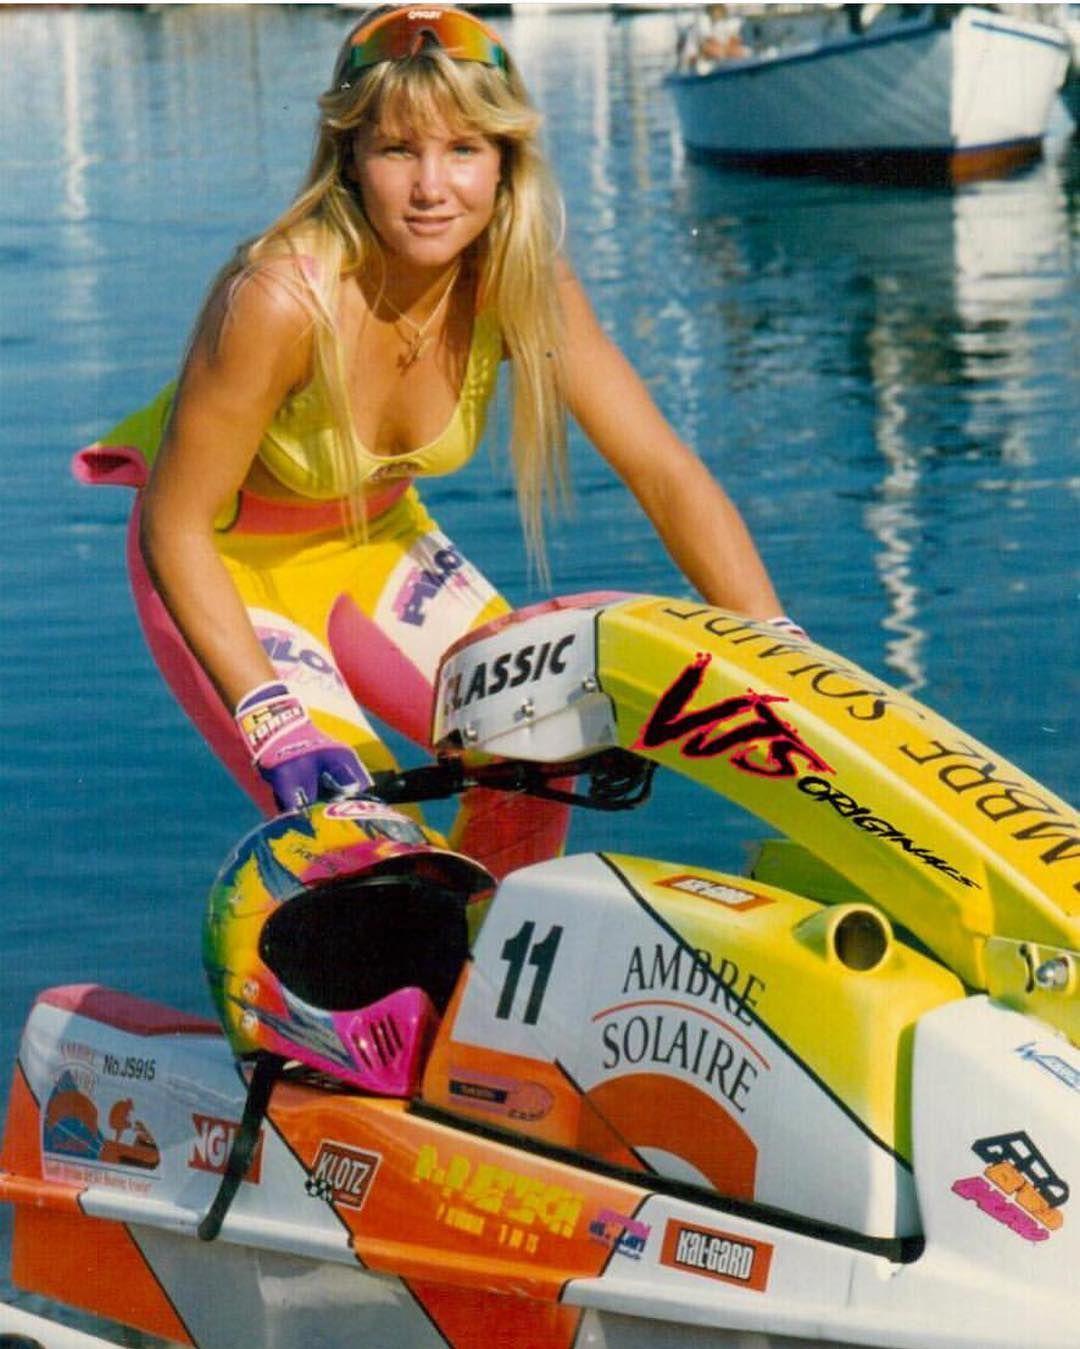 L Image Contient Peut Etre 2 Personnes Plein Air Et Eau In 2020 Vintage Skis Jet Ski Water Crafts